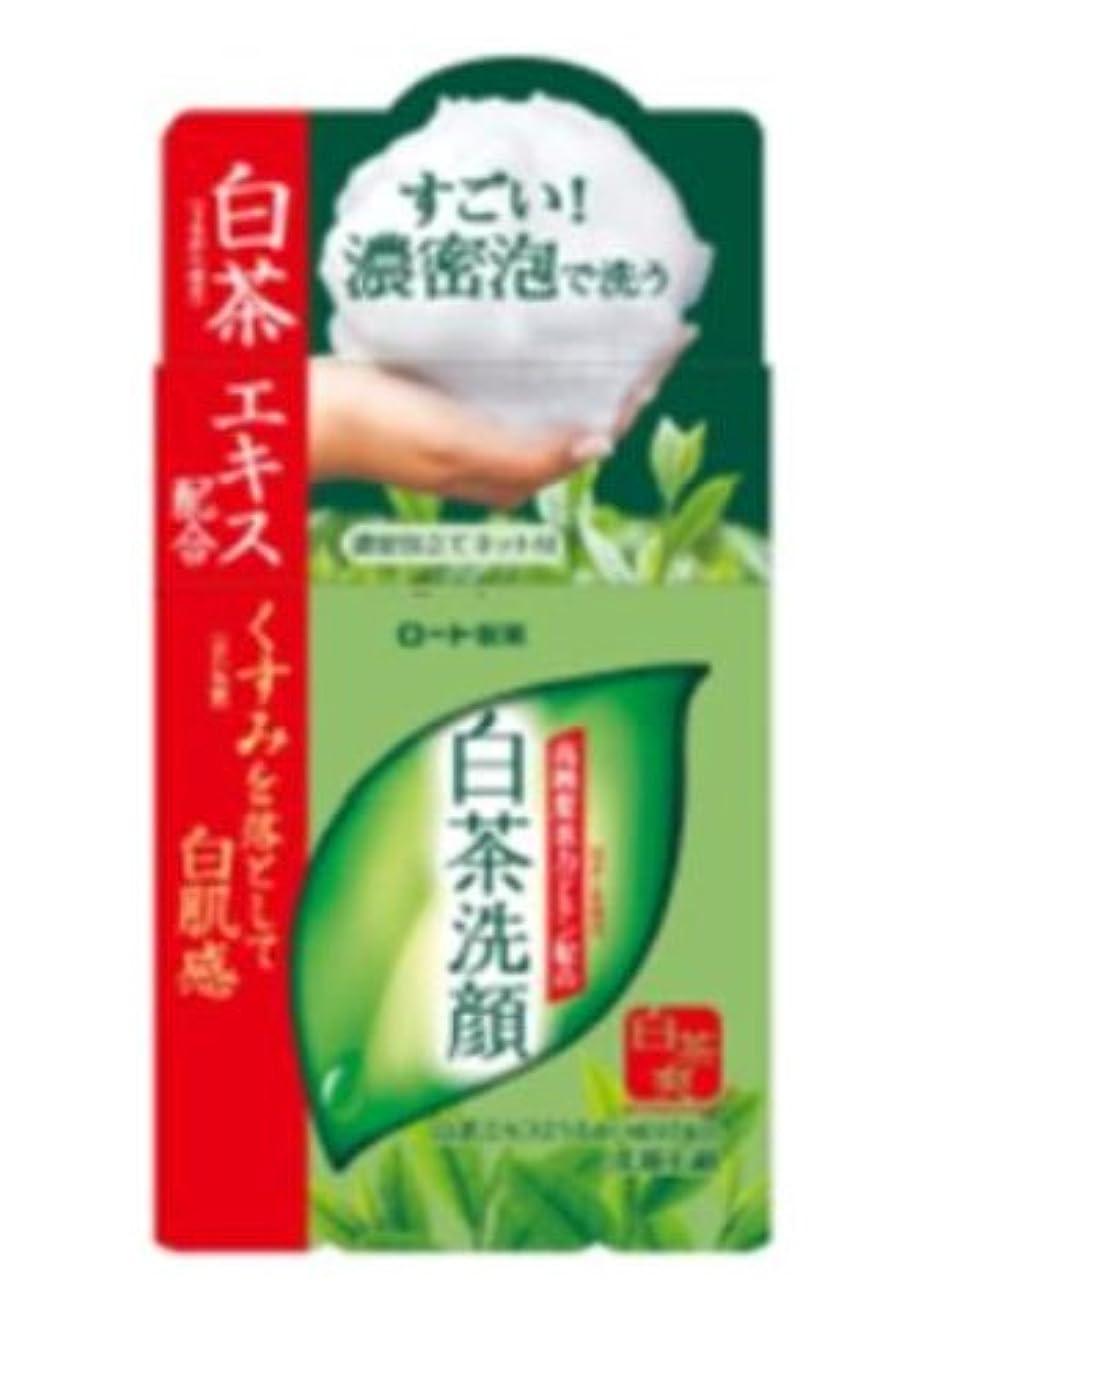 空の説教抱擁ロート製薬 白茶爽 白茶洗顔石鹸 高純度茶カテキン配合 濃密泡立てネット付 85g